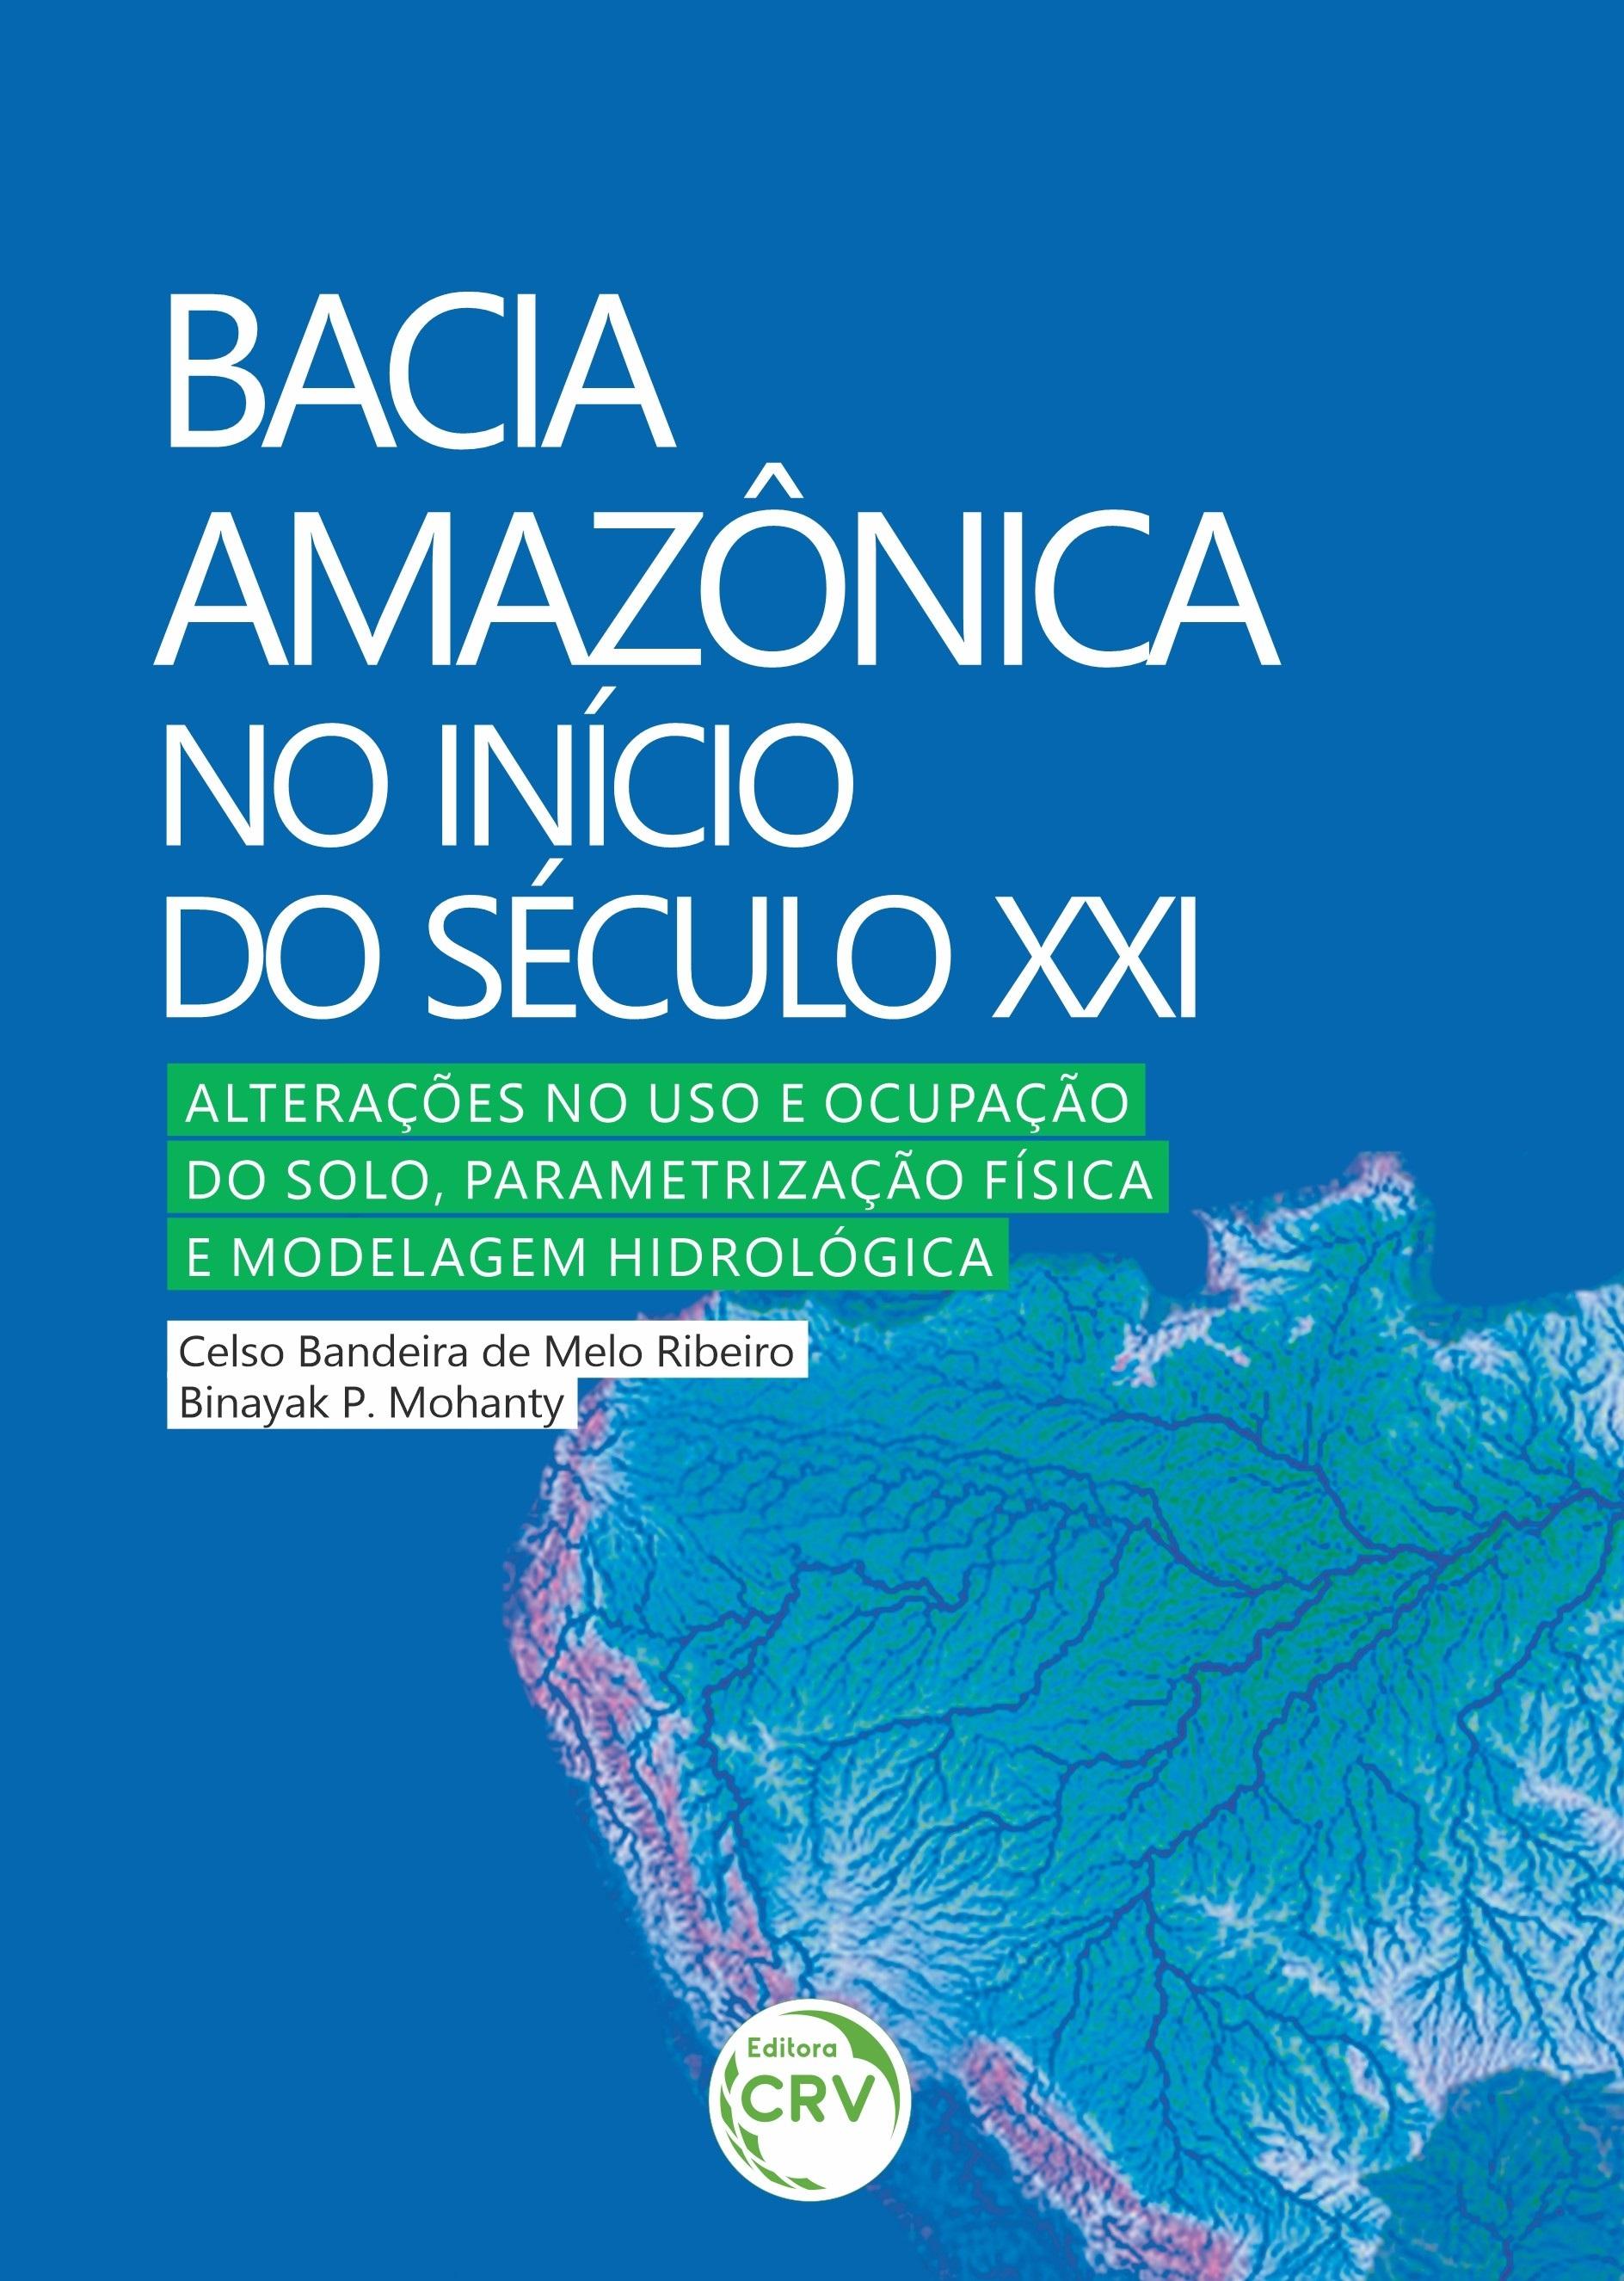 Capa do livro: BACIA AMAZÔNICA NO INÍCIO DO SÉCULO XXI:<br> alterações no uso e ocupação do solo, parametrização física e modelagem hidrológica